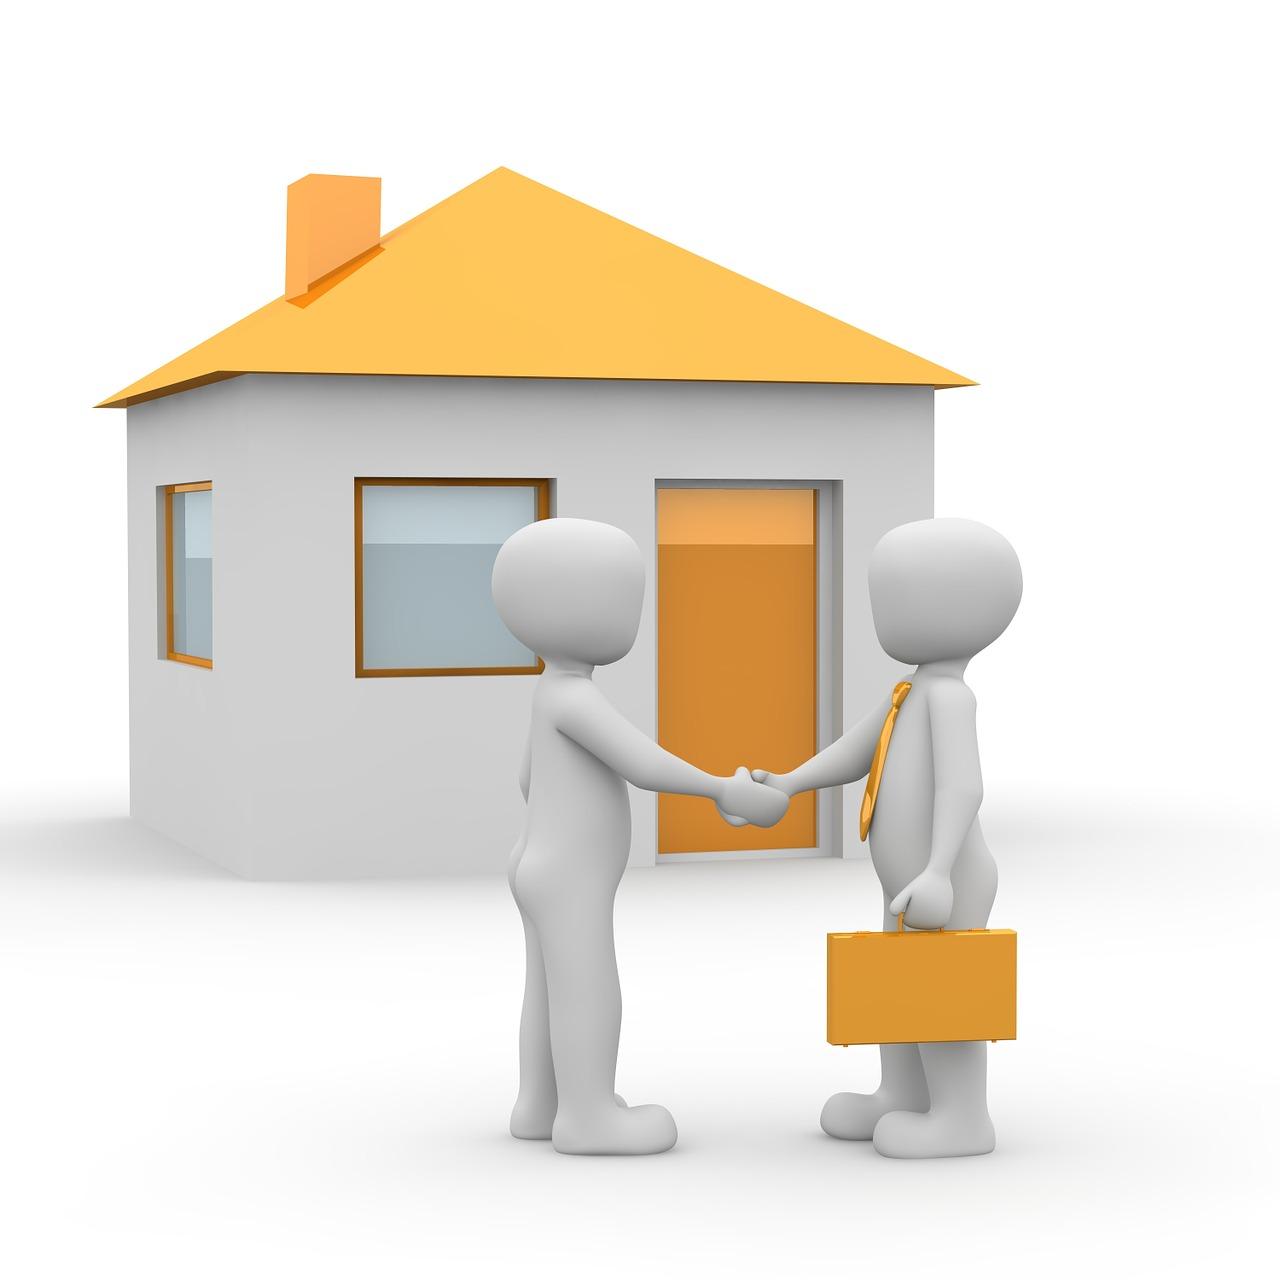 Maison aux enchères: ce sont les professionnels qui en déterminent le prix